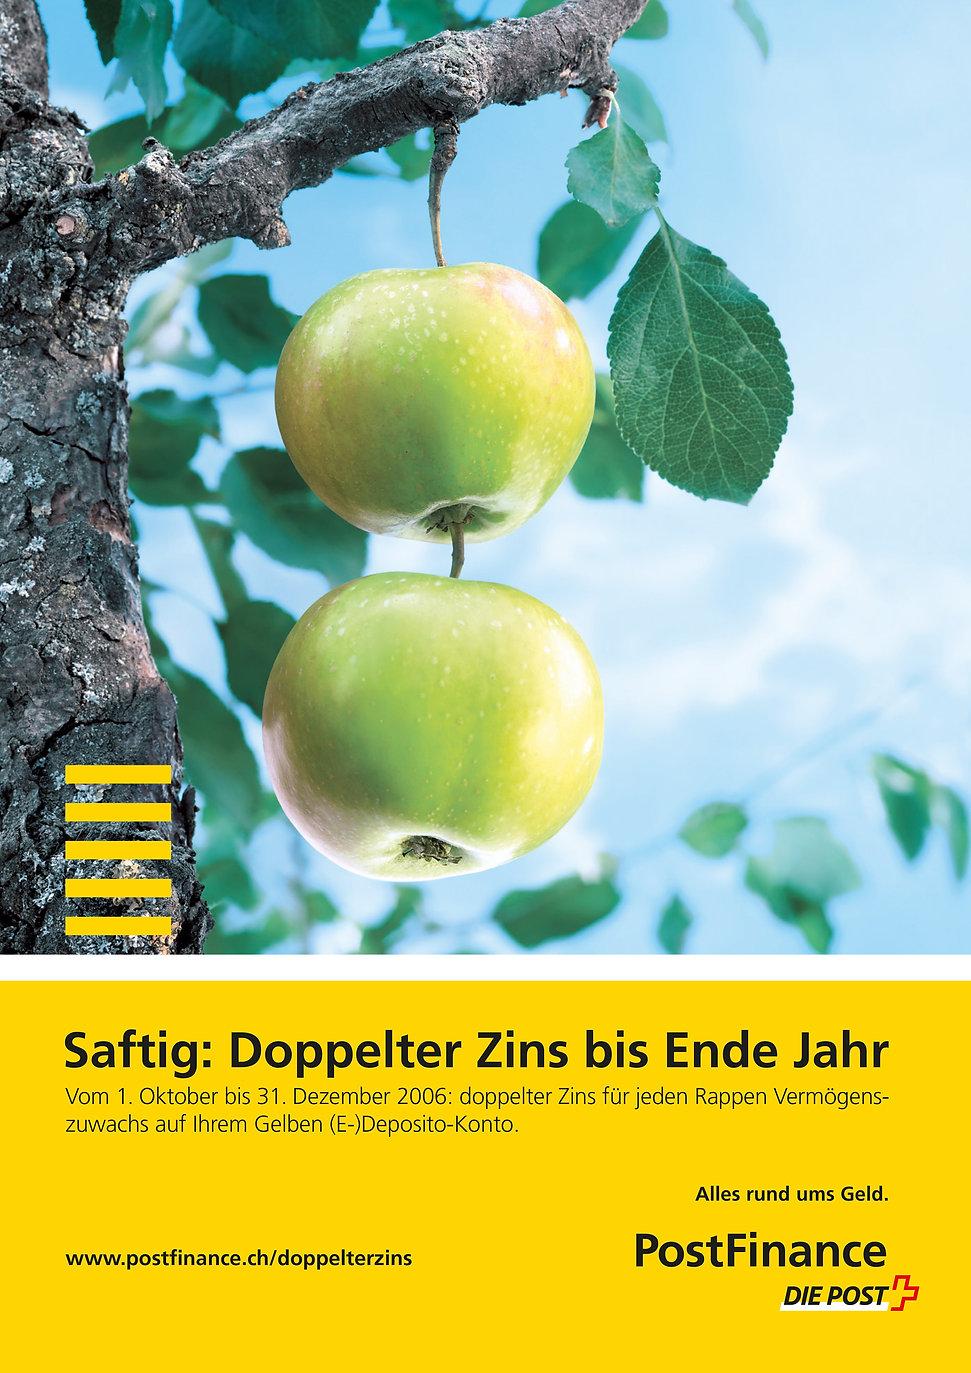 PF_A3_Plakat_doppelter Zins_Apfel.jpg